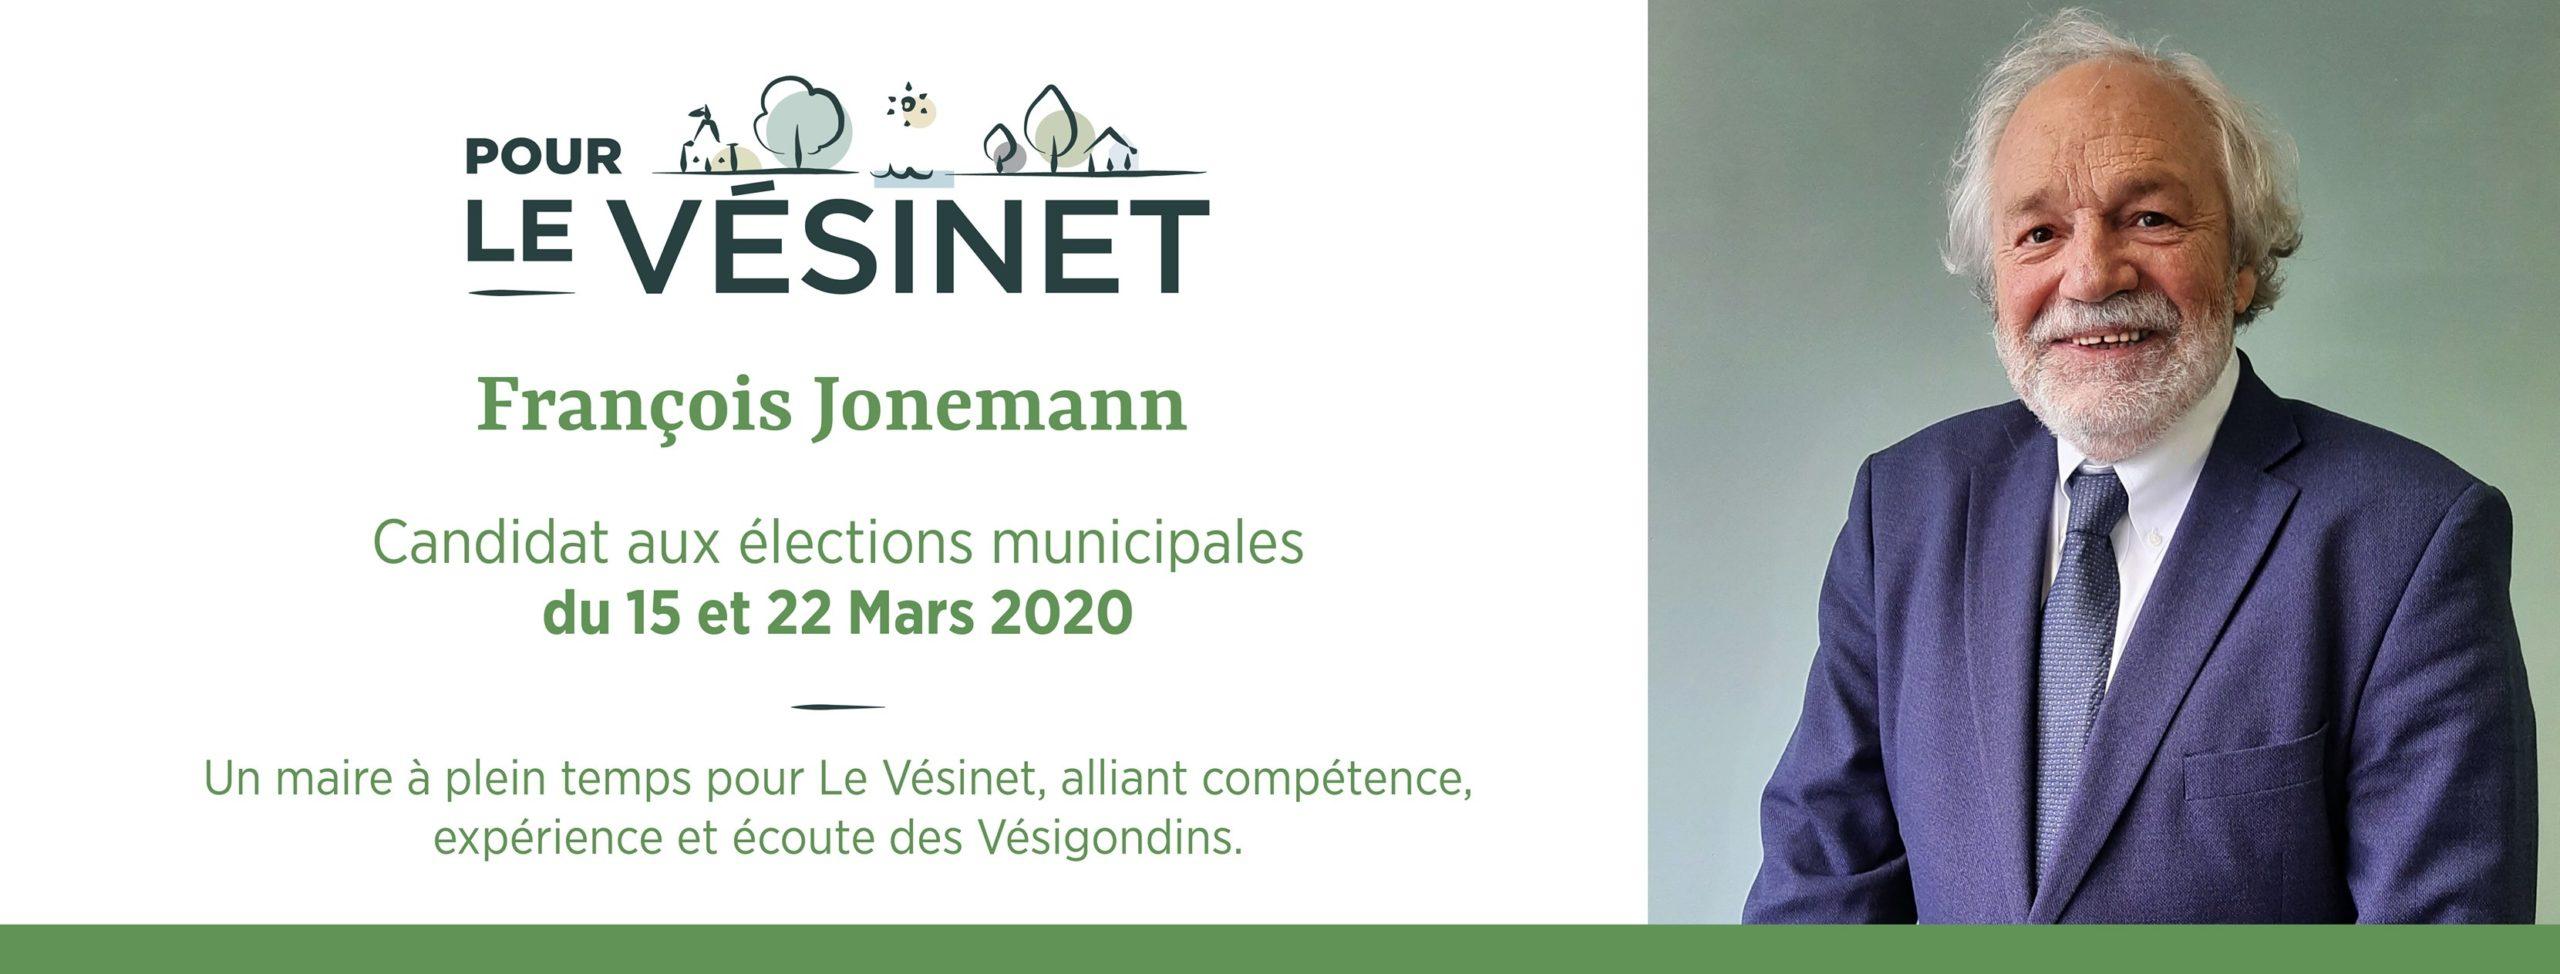 François Jonemann (Pour Le Vésinet) - Dynamiser Le Vésinet, tout en préservant son identité